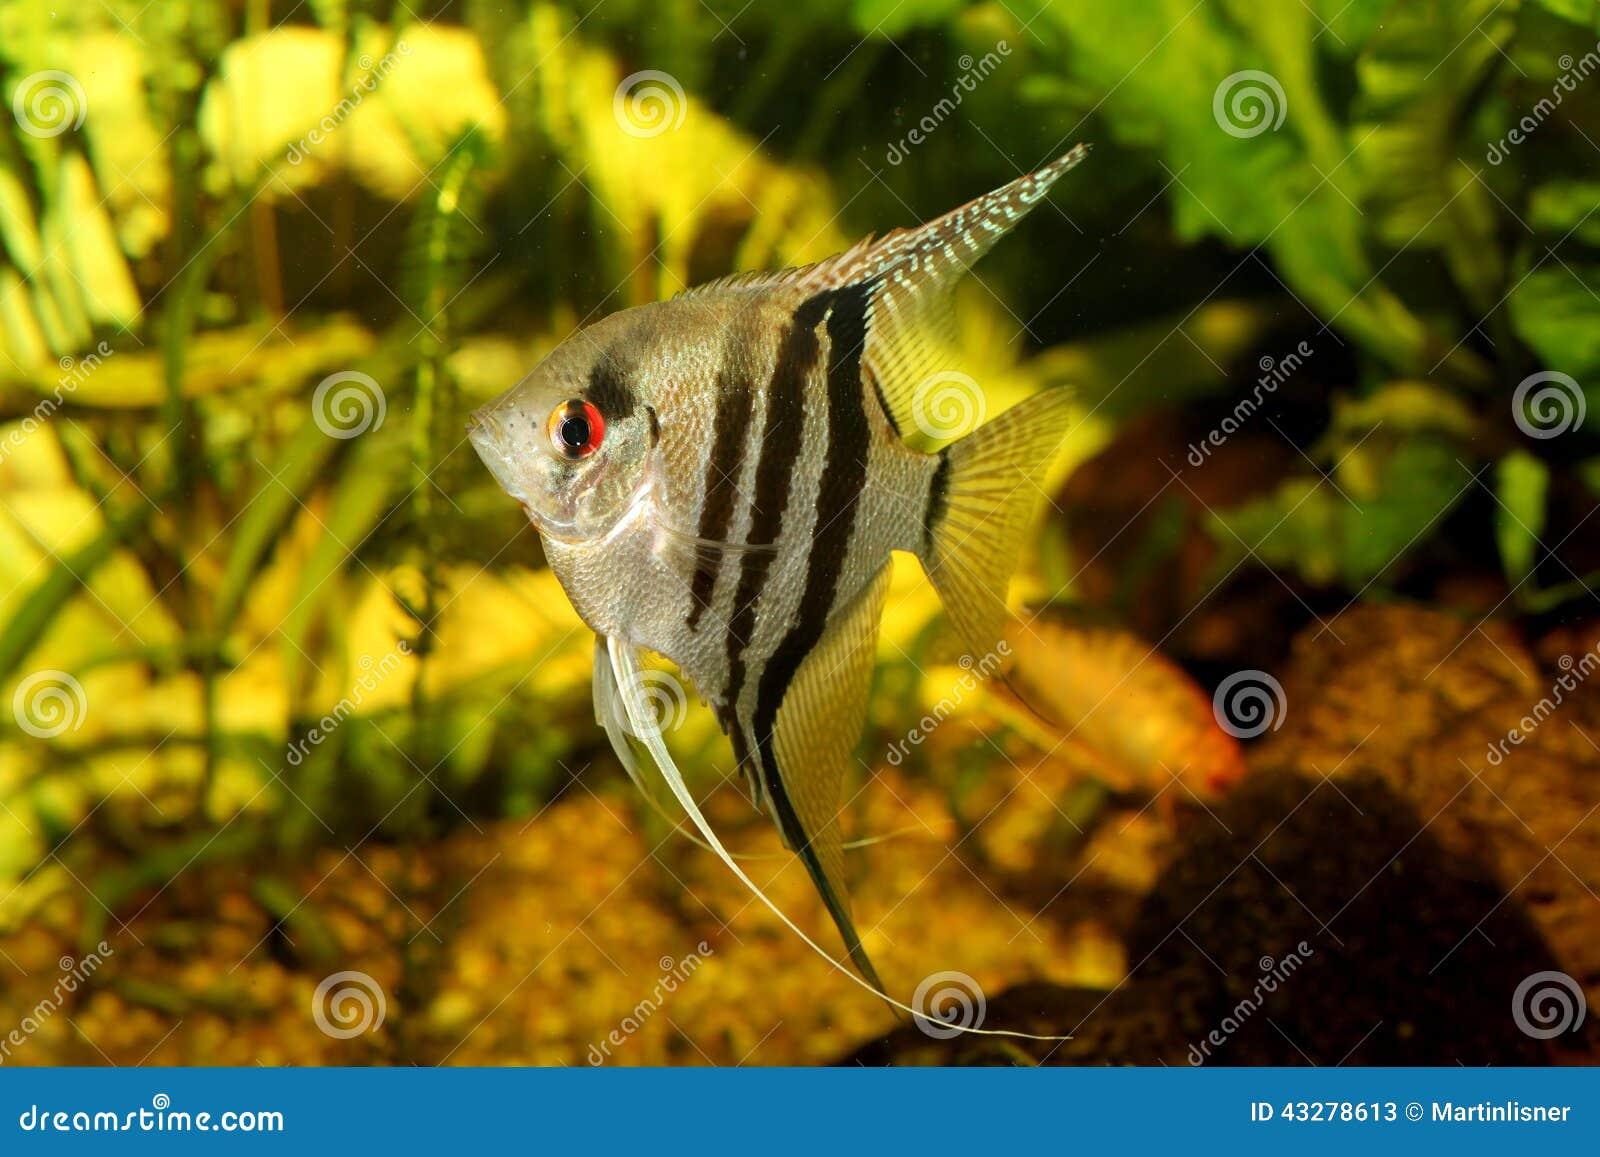 Un bello acquario d 39 acqua dolce tropicale piantato verde for Pesce pulitore acqua dolce fredda